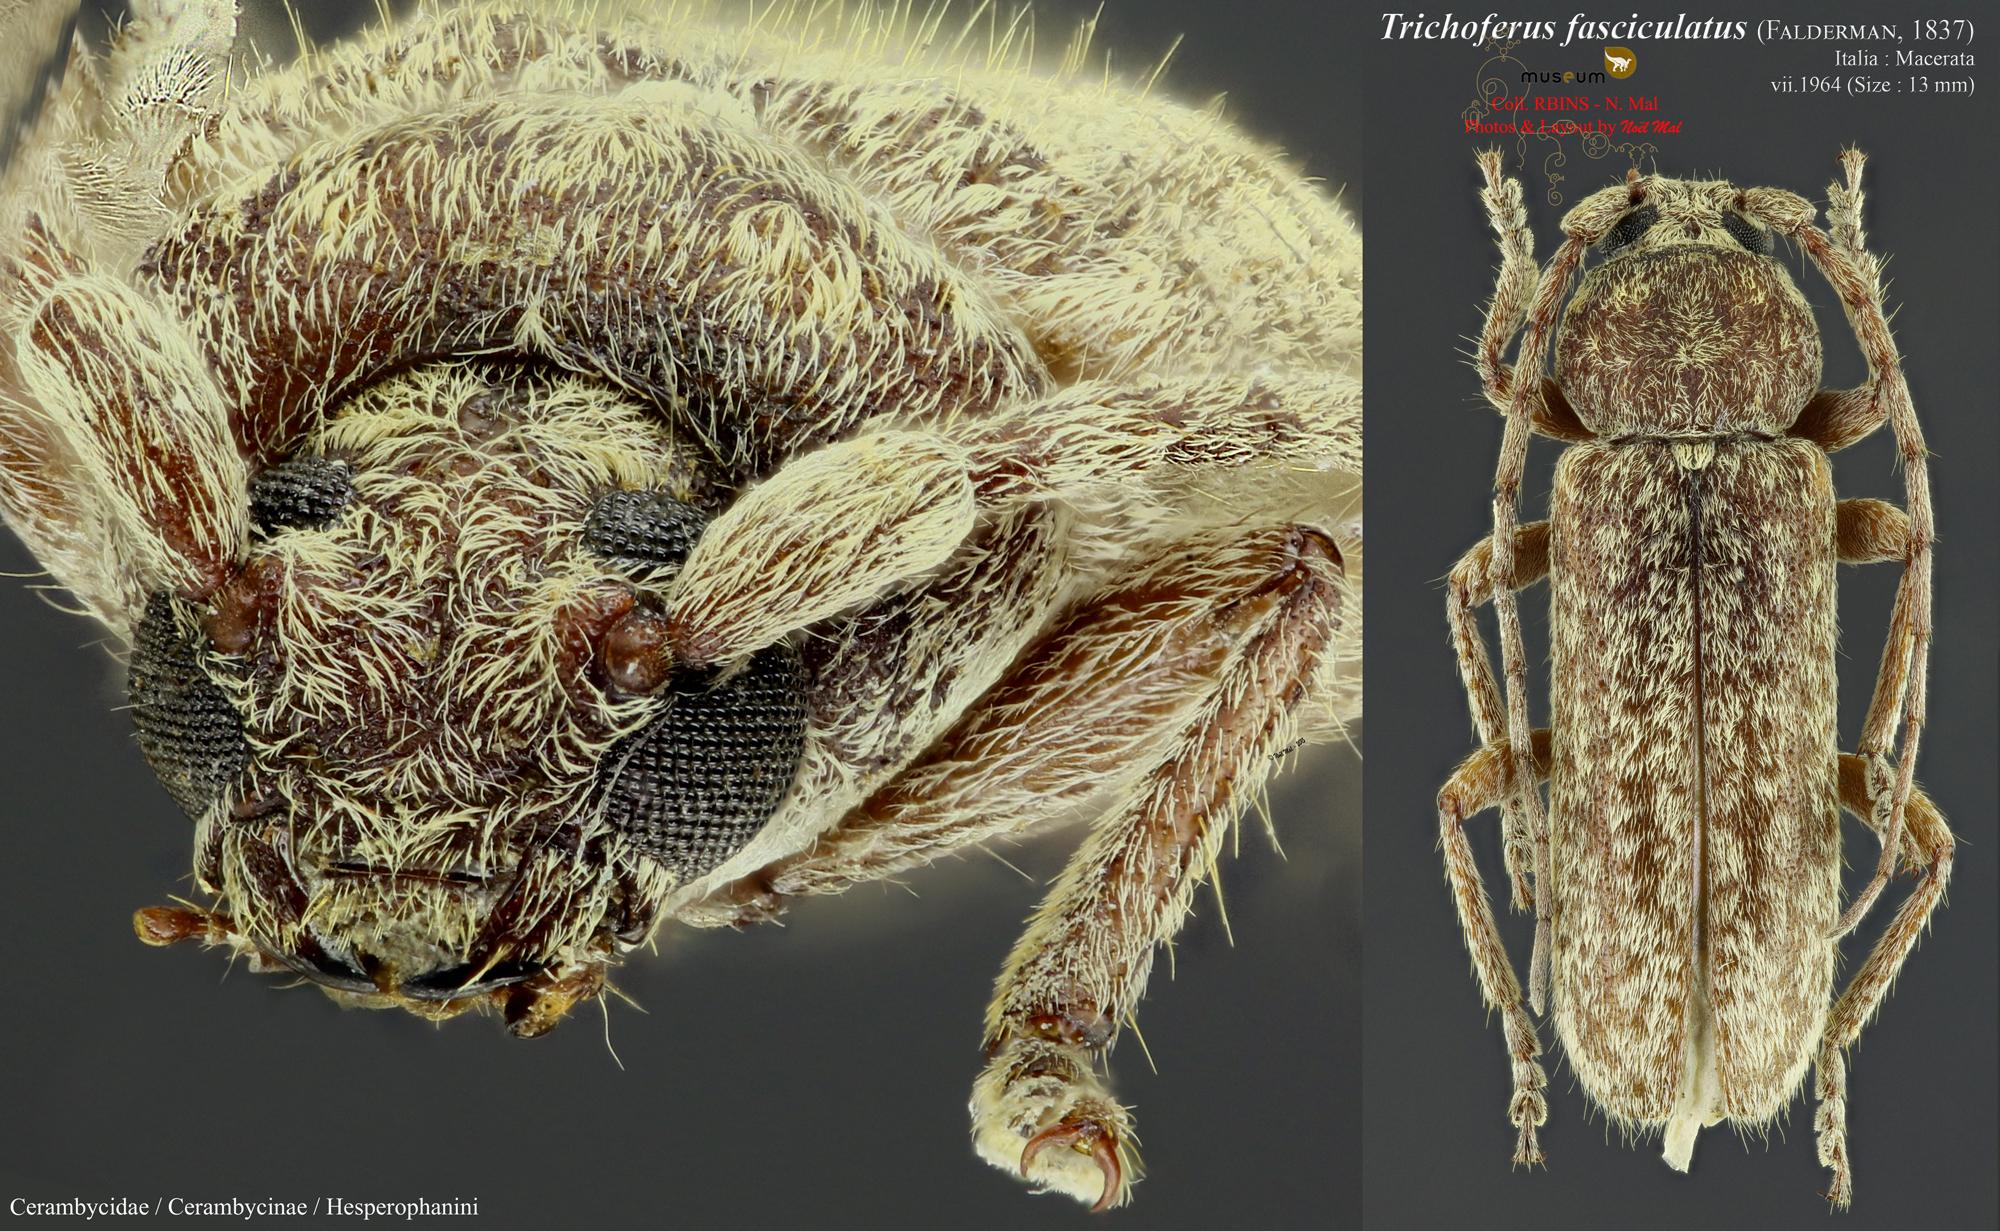 Trichoferus fasciculatus.jpg